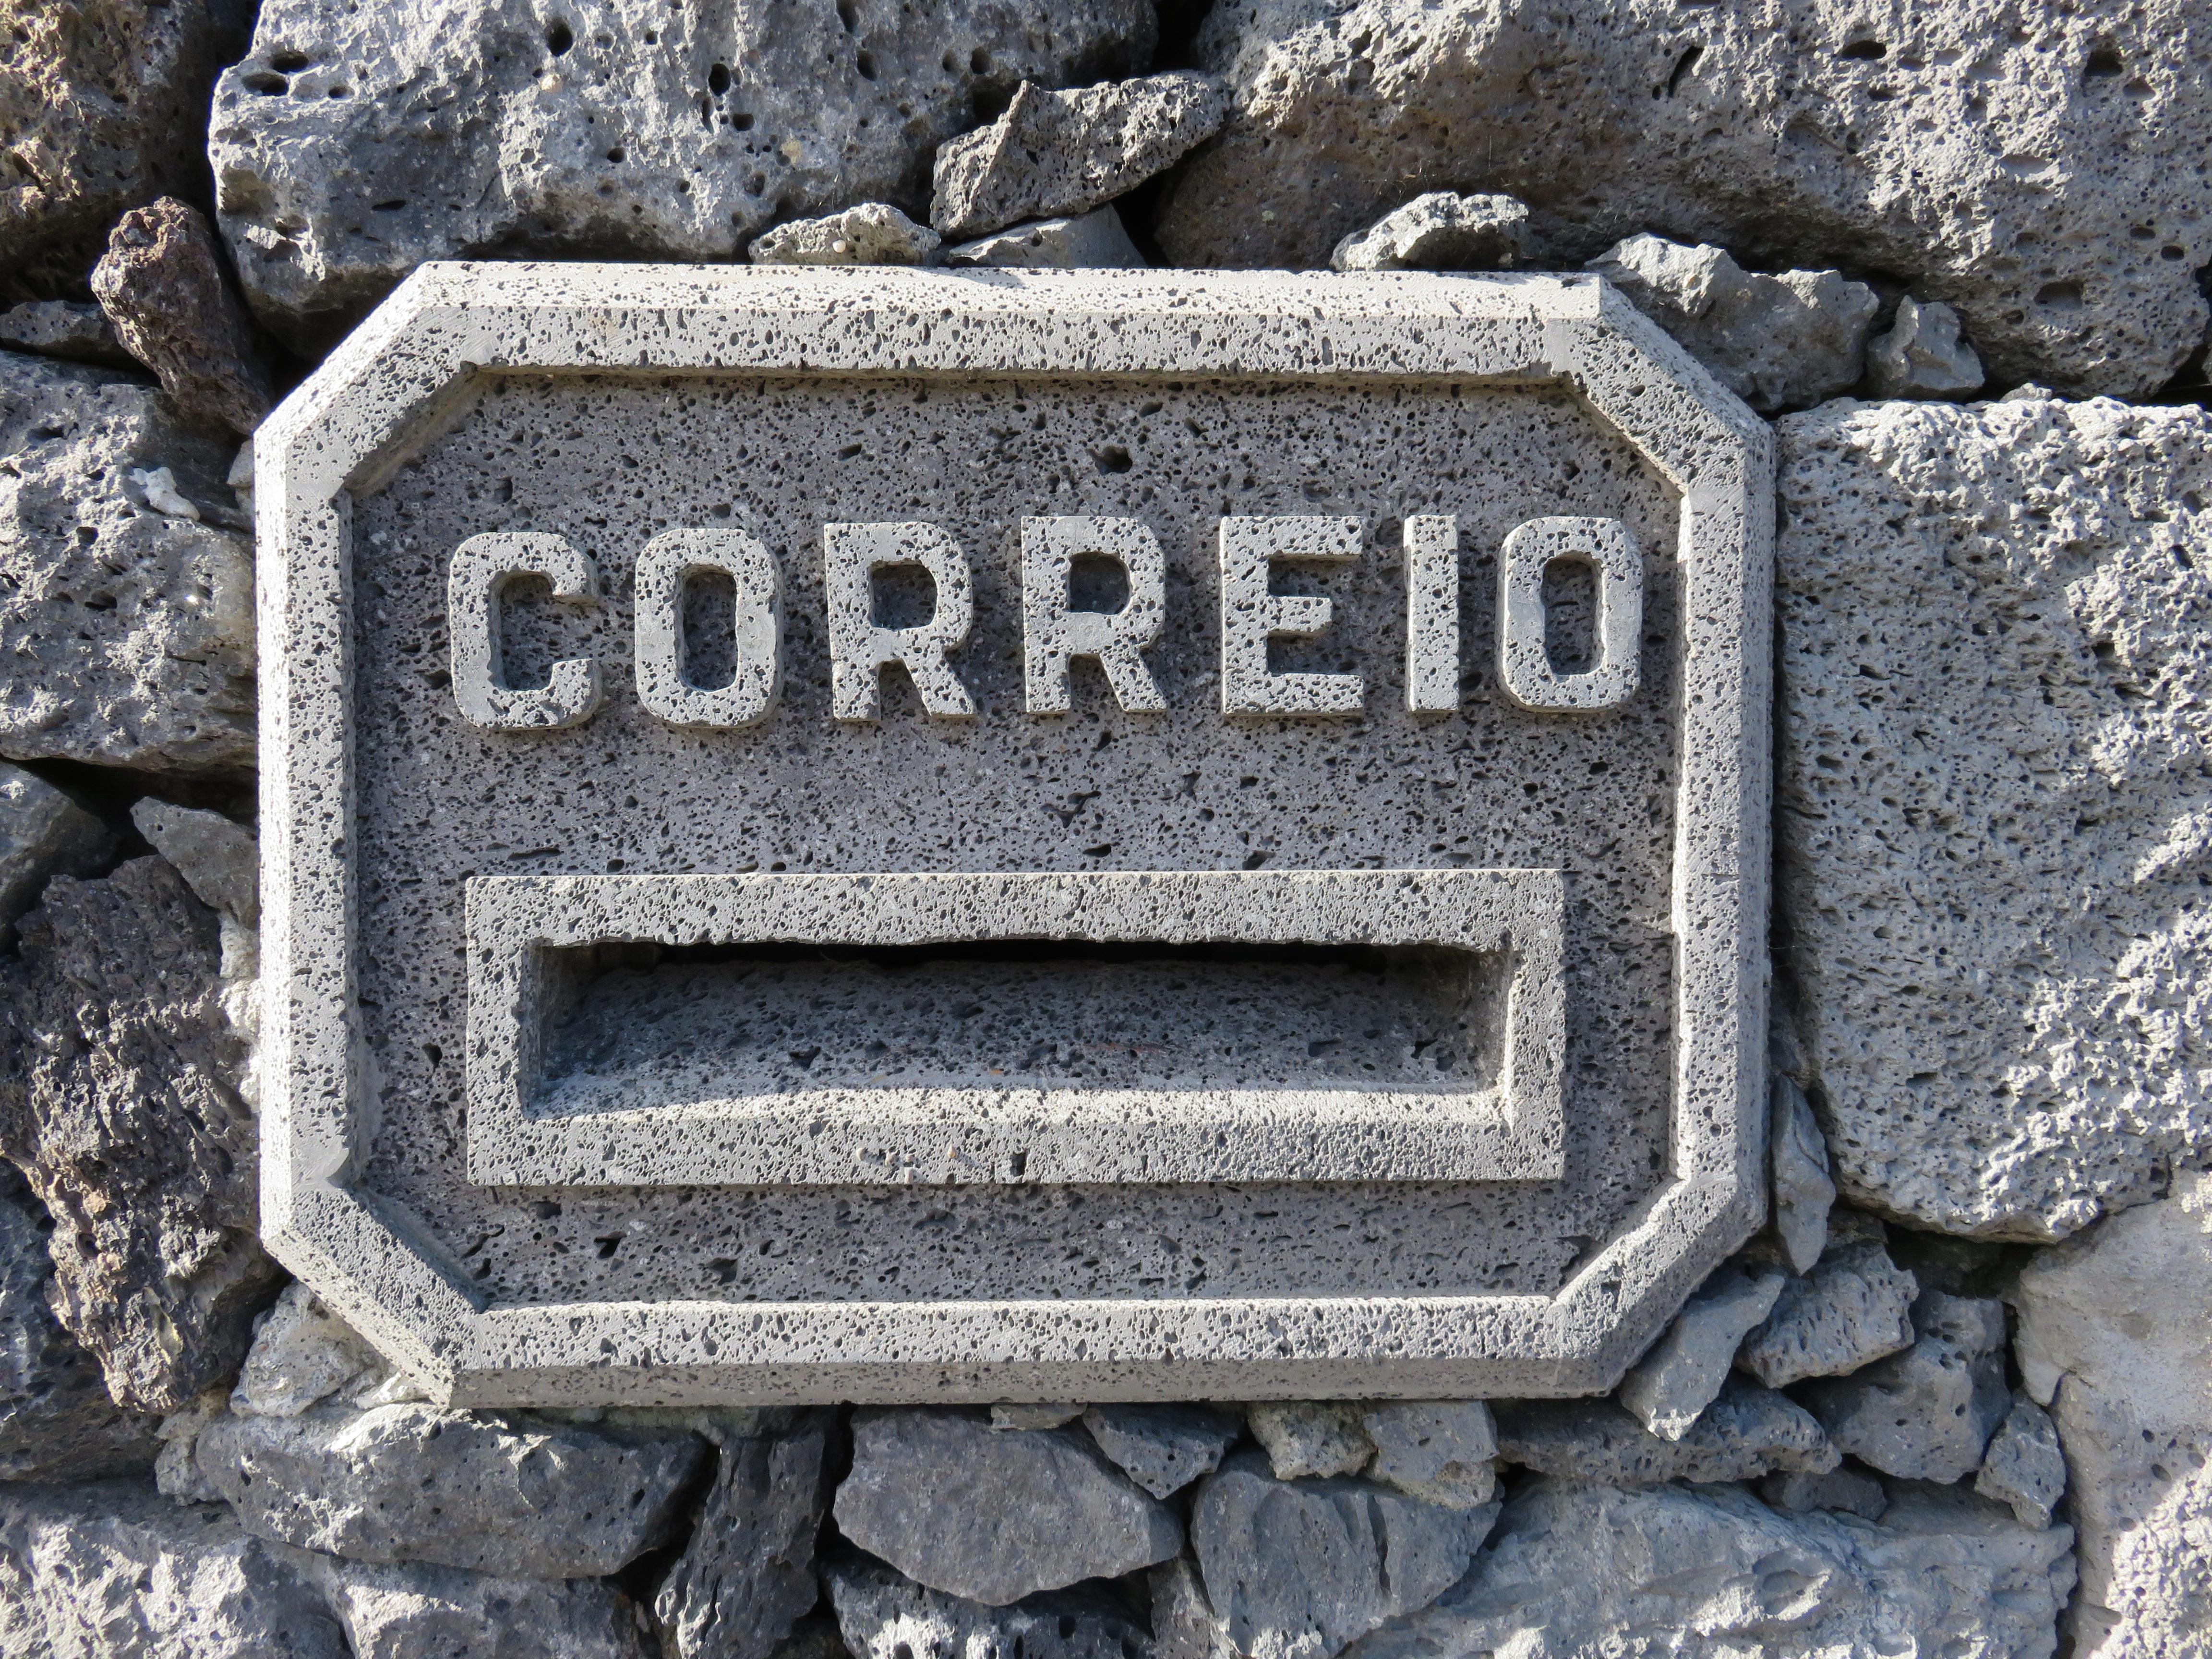 rock lähettää antiikki- määrä kirje postilaatikko materiaali rengas posti  hauta hautakivi posti- postitus vulkaanista 0539f23933